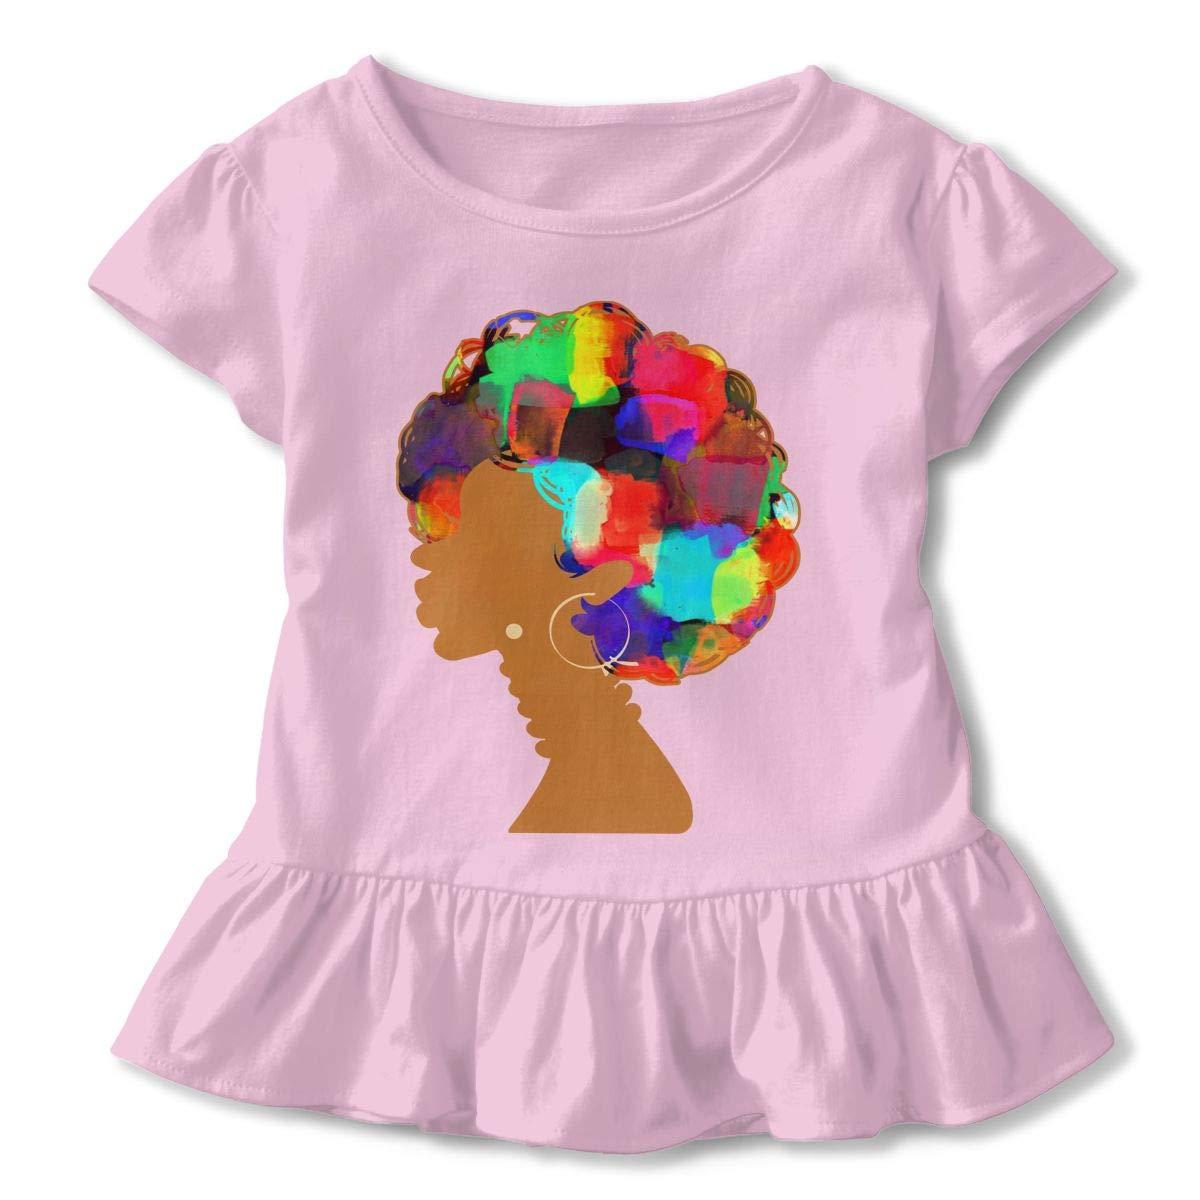 Cheng Jian Bo African Woman Curly Hair Toddler Girls T Shirt Kids Cotton Short Sleeve Ruffle Tee